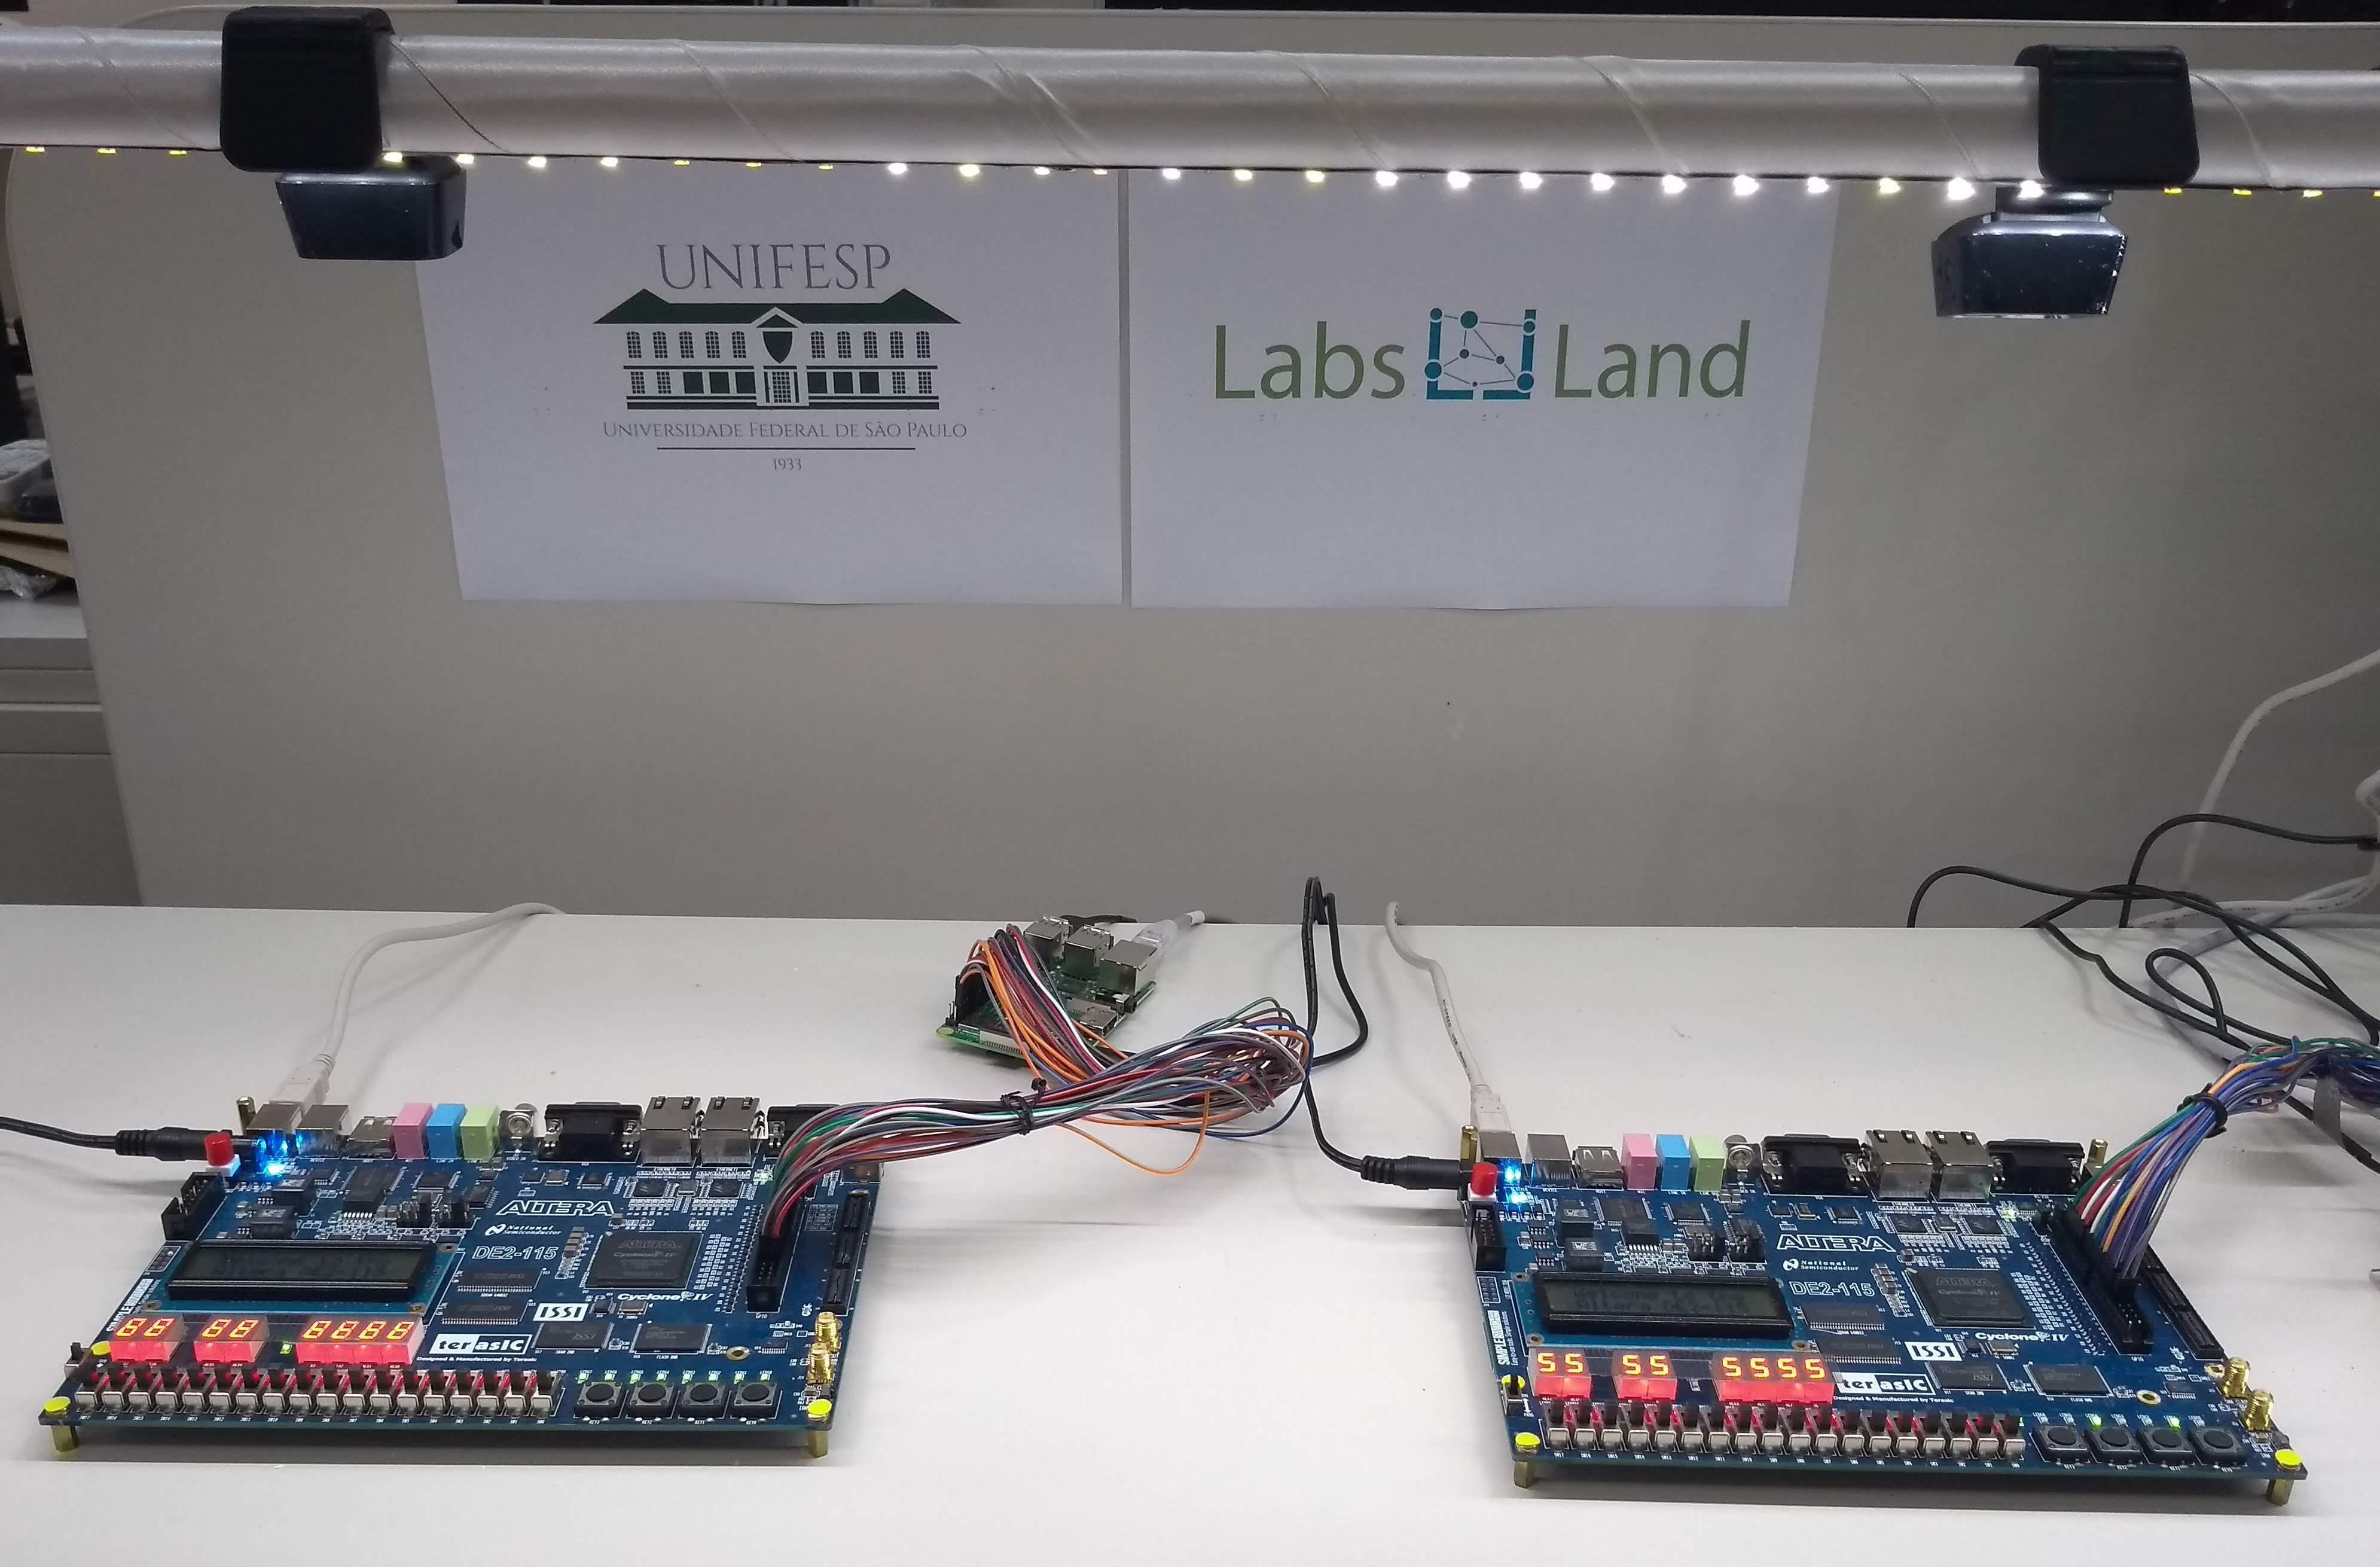 Despliegue de instancias del laboratorio FPGA de LabsLand en UNIFESP (Brasil)